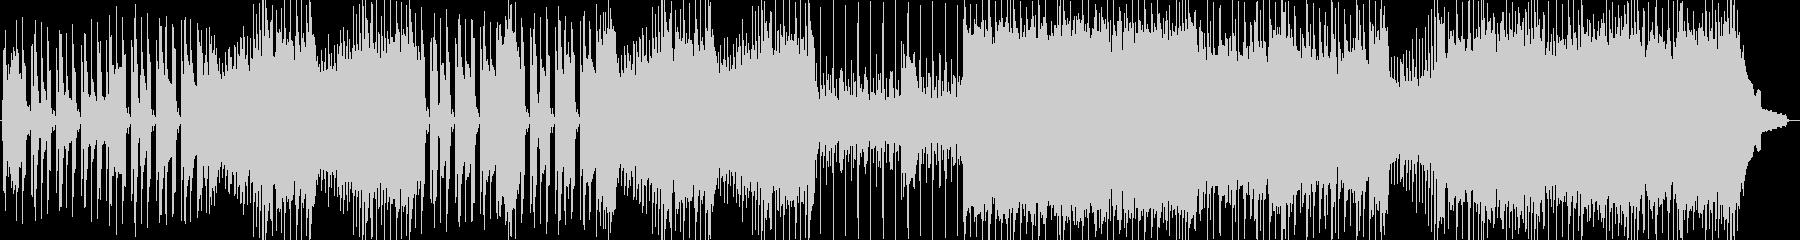 ポップロック。アコースティックサウンド。の未再生の波形